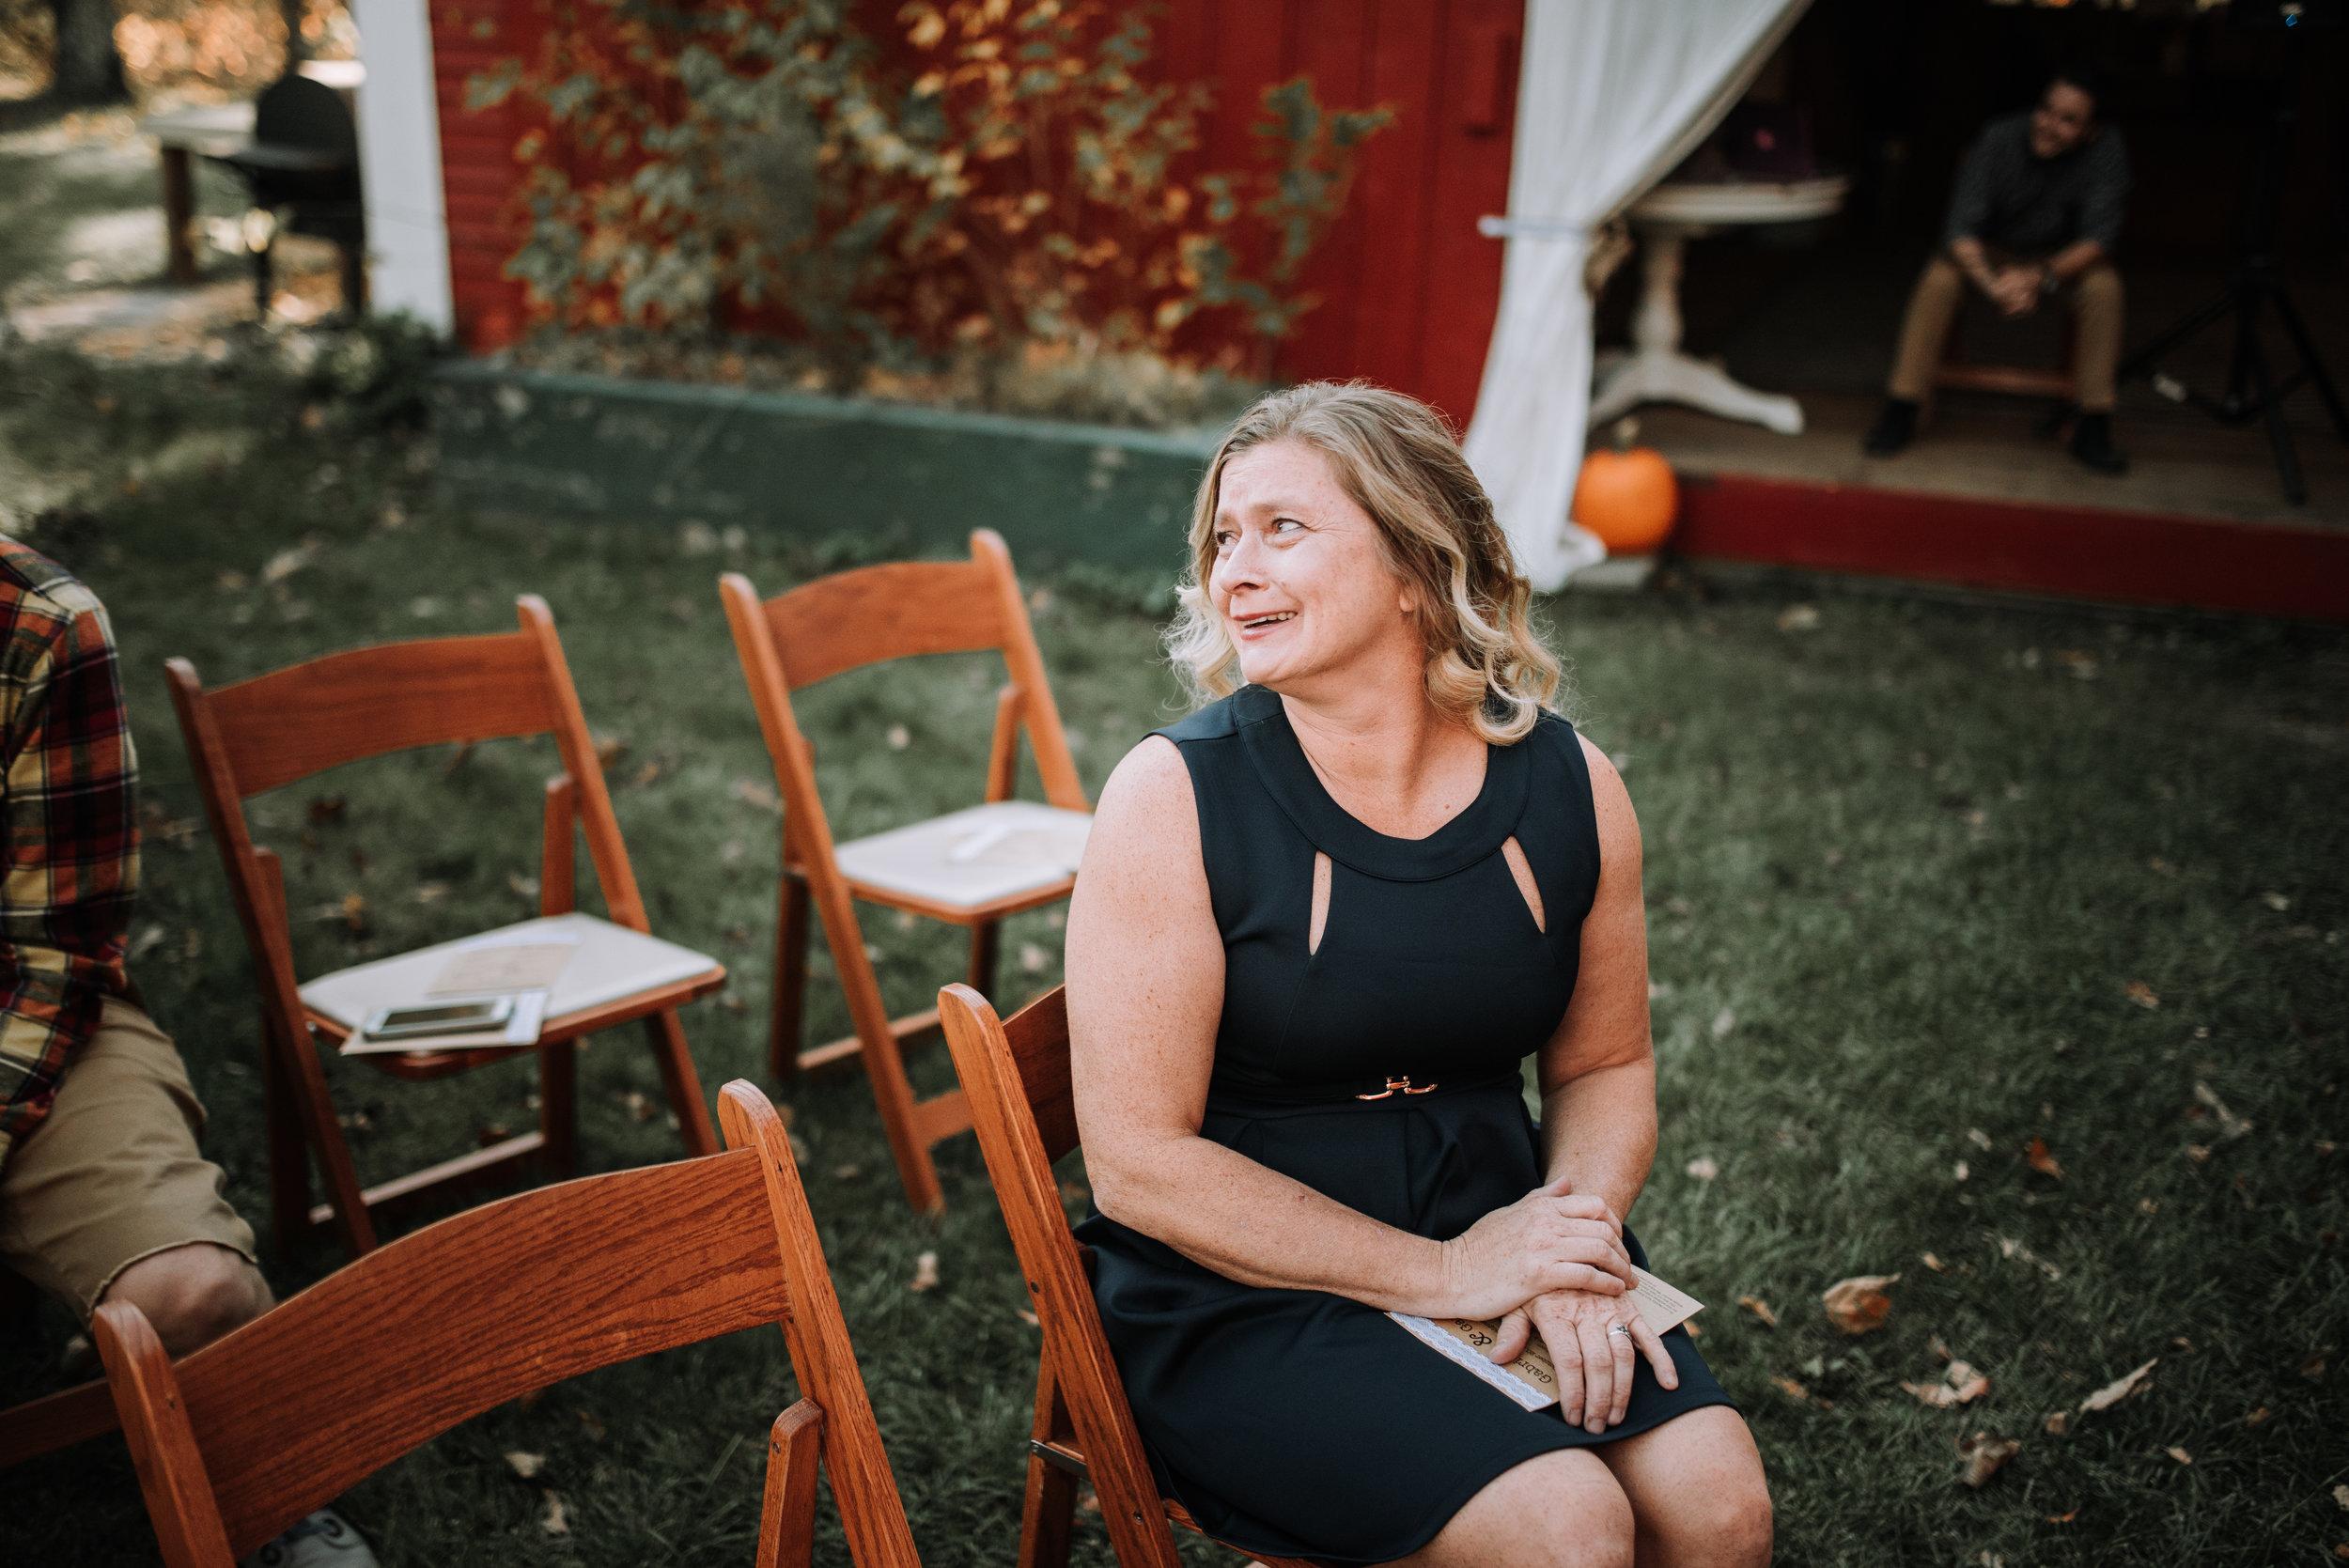 LUV LENS_WEDDING_GABBIE GARY SMALL-31.jpg